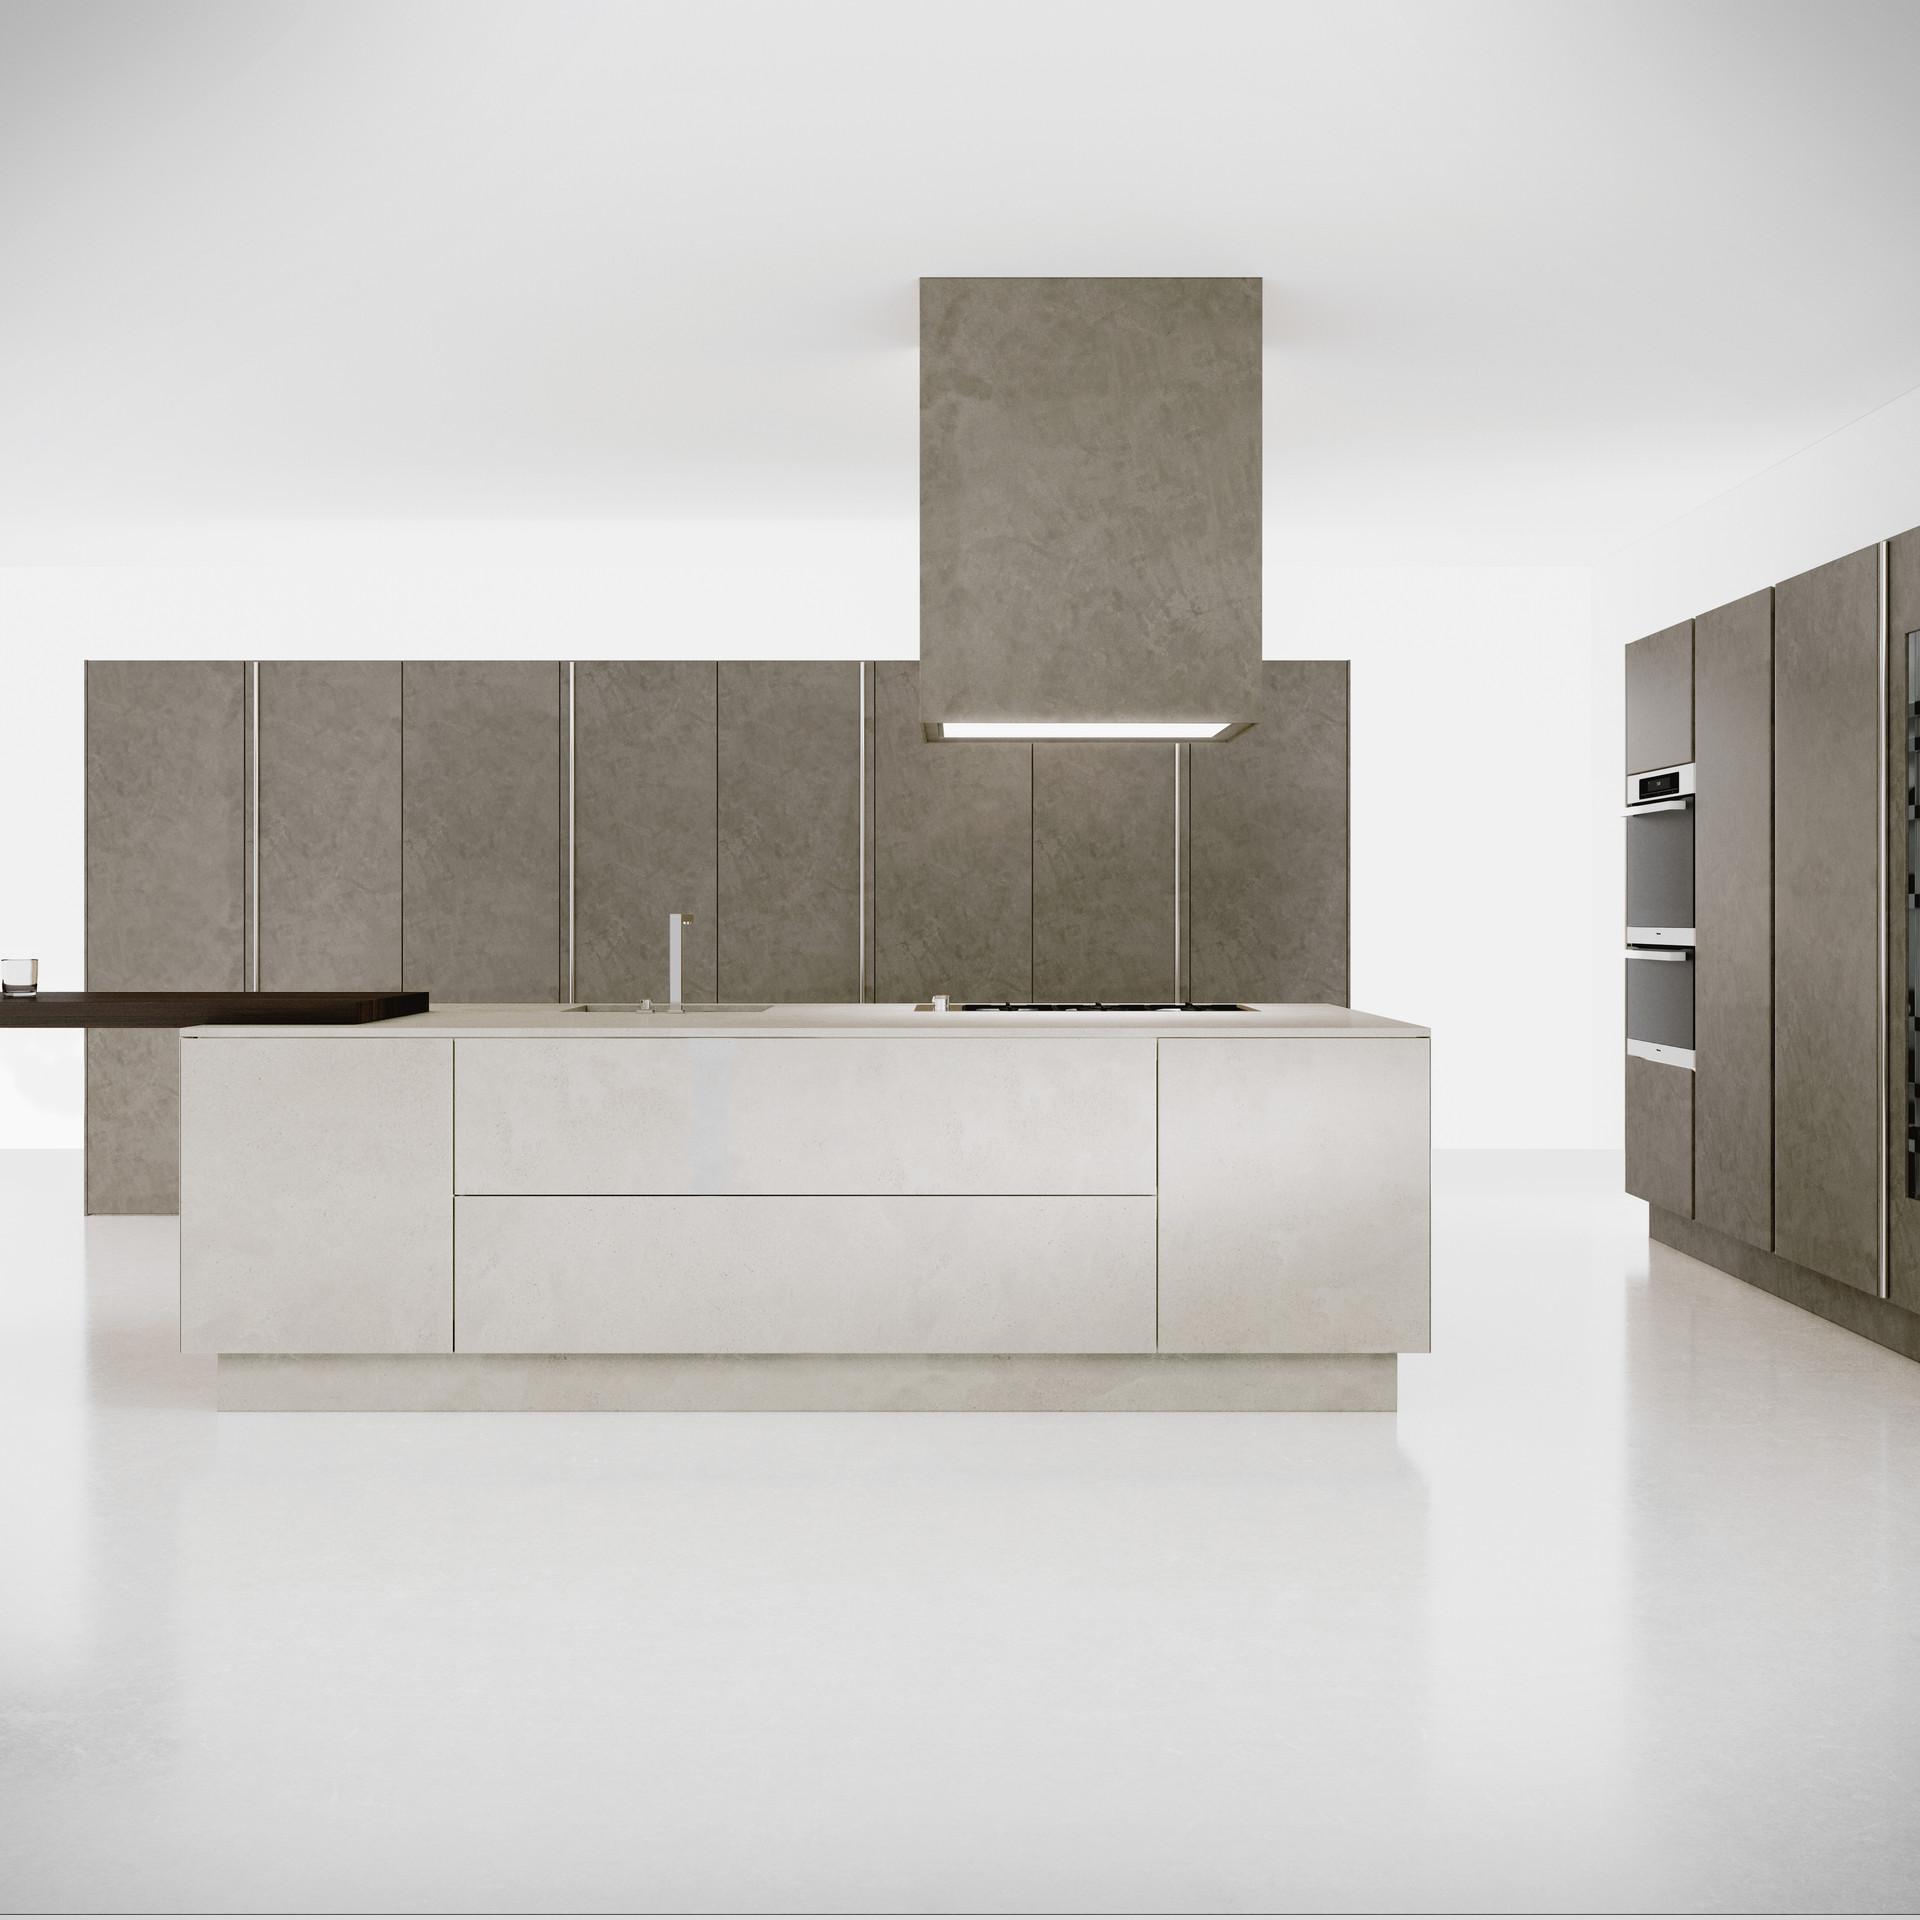 Beton Ultra Light & Medium Grey